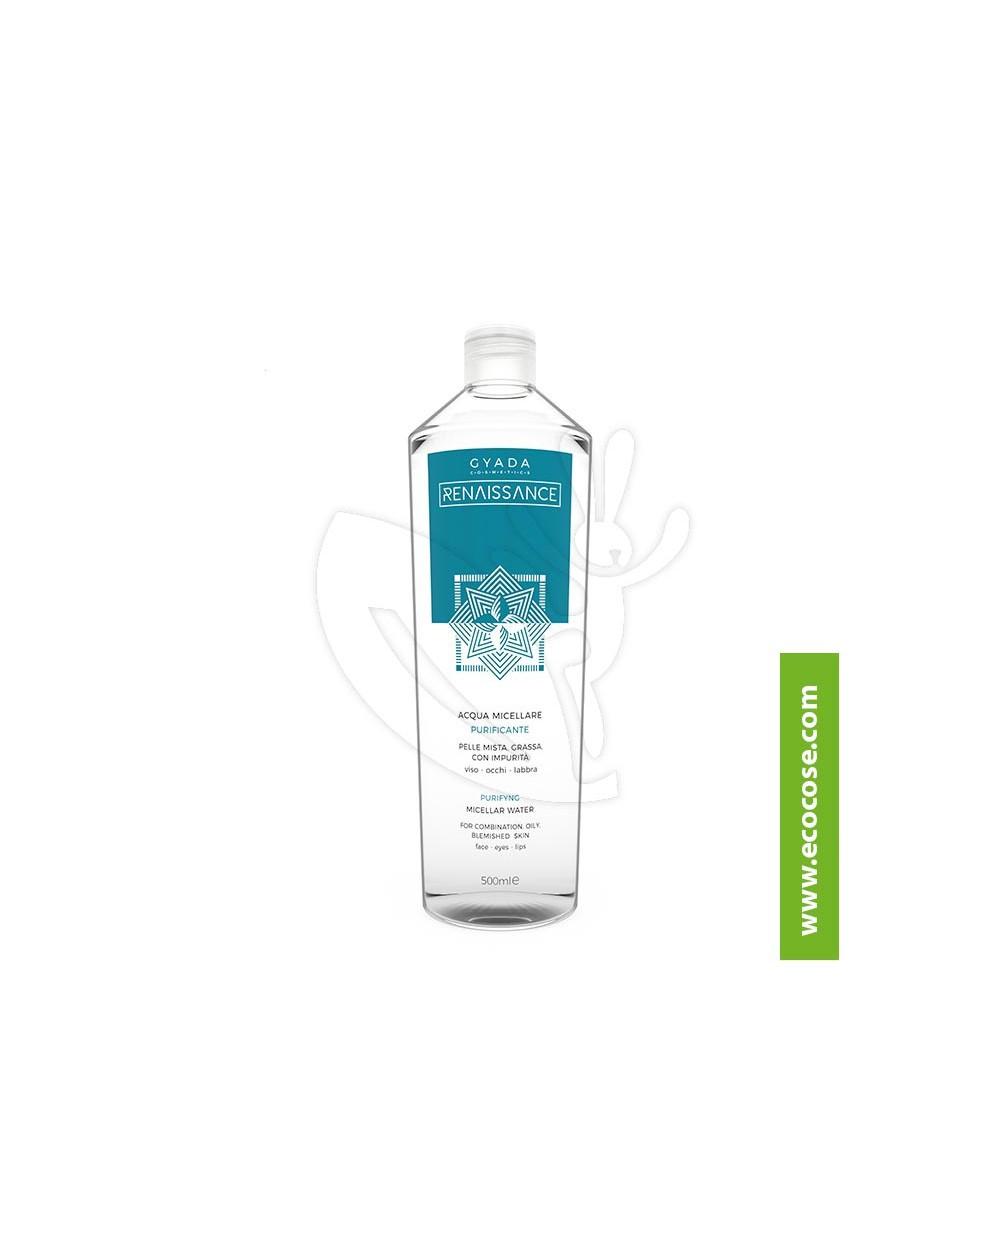 Gyada Cosmetics - Acqua Micellare Purificante